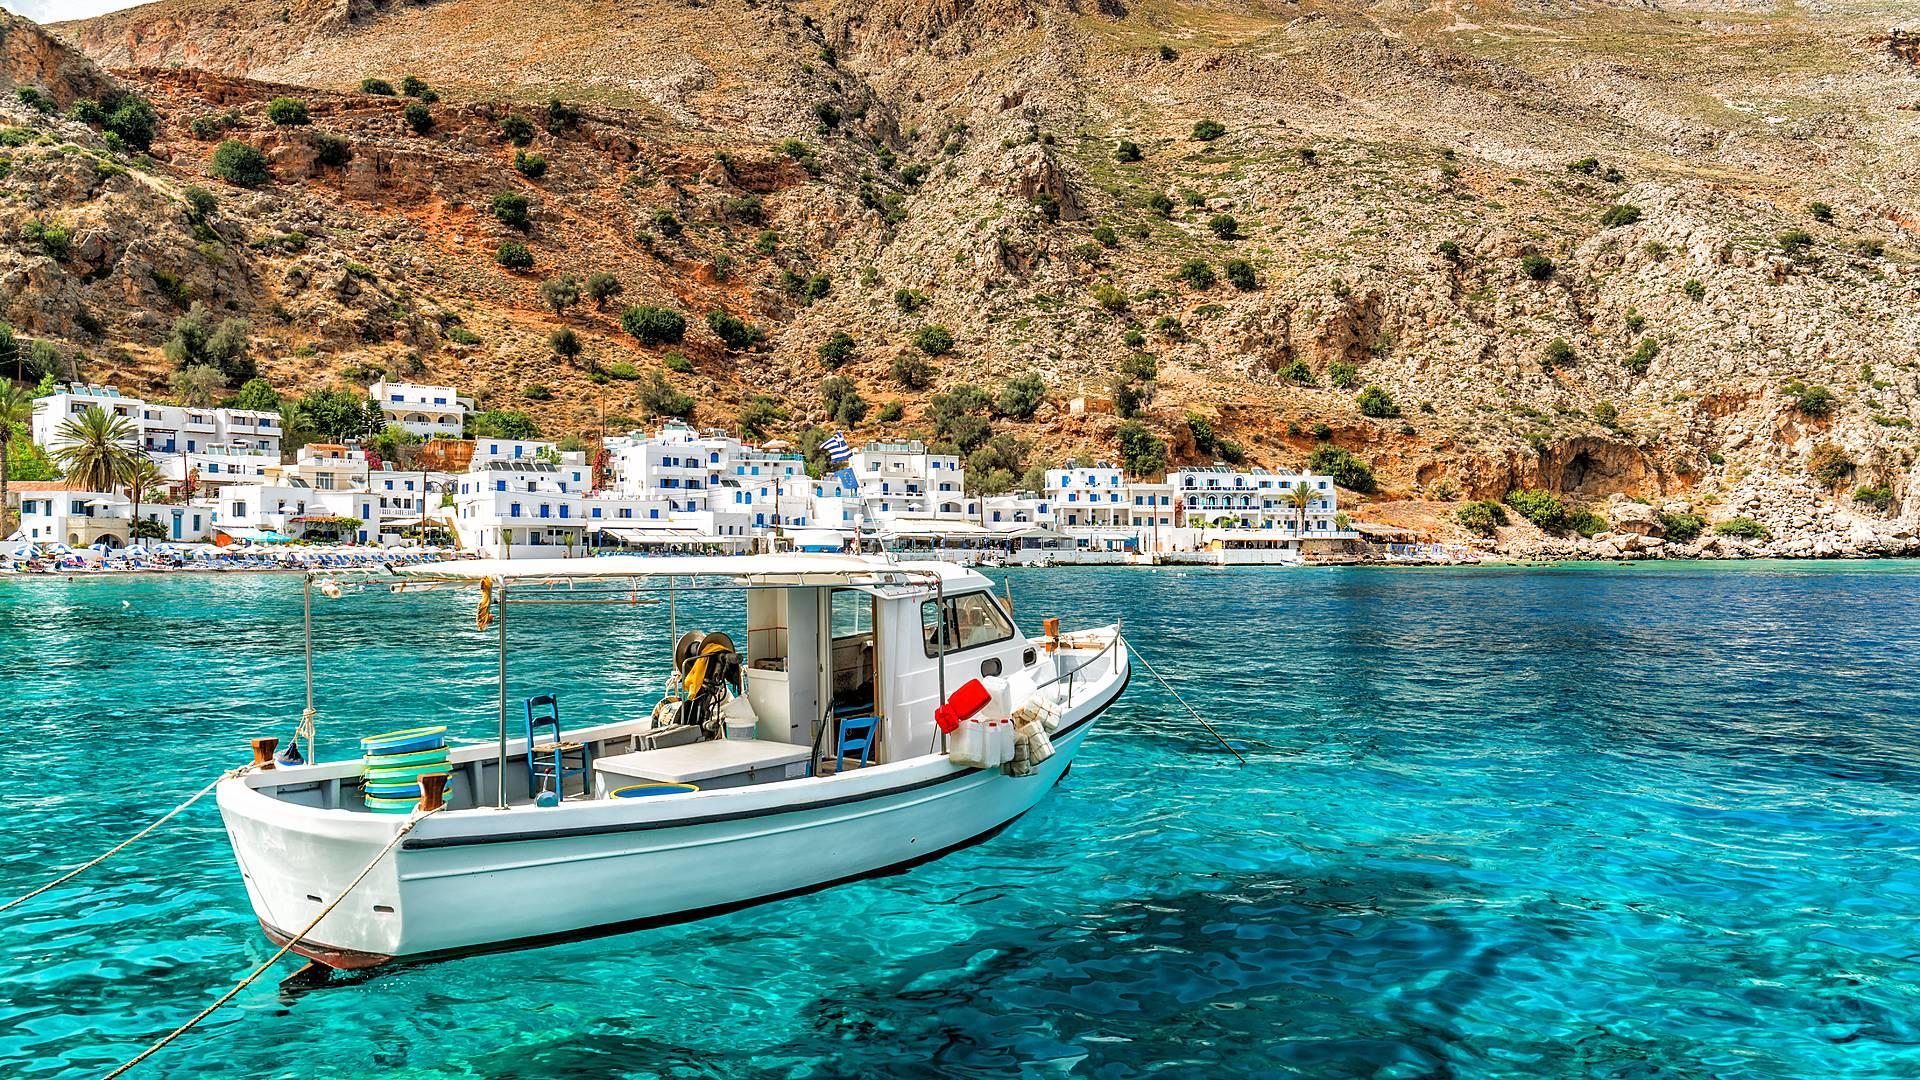 Le spiagge esotiche del Mar Libico